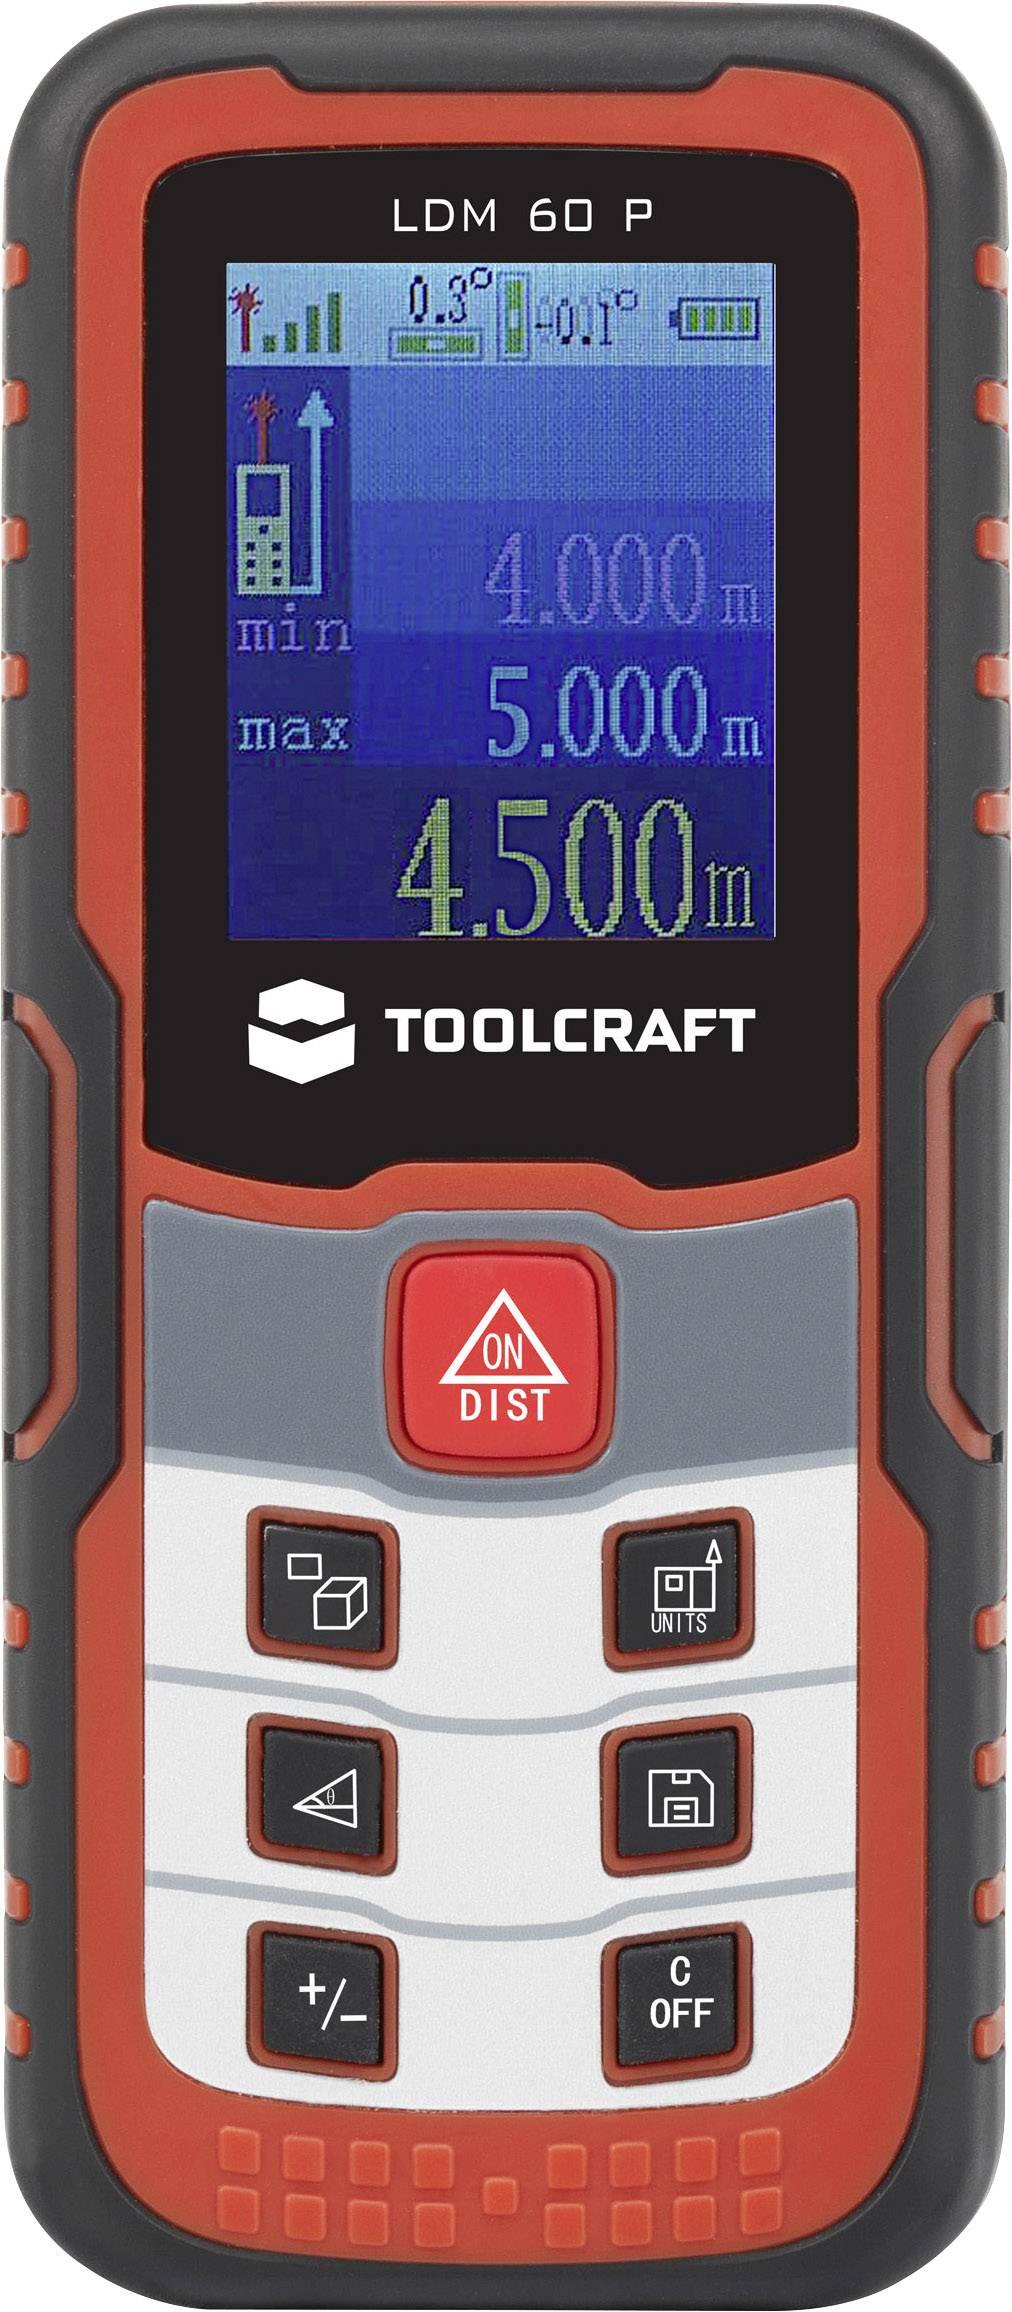 Laserový měřič vzdálenosti TOOLCRAFT LDM 60 J, rozsah měření (max.) 60 m